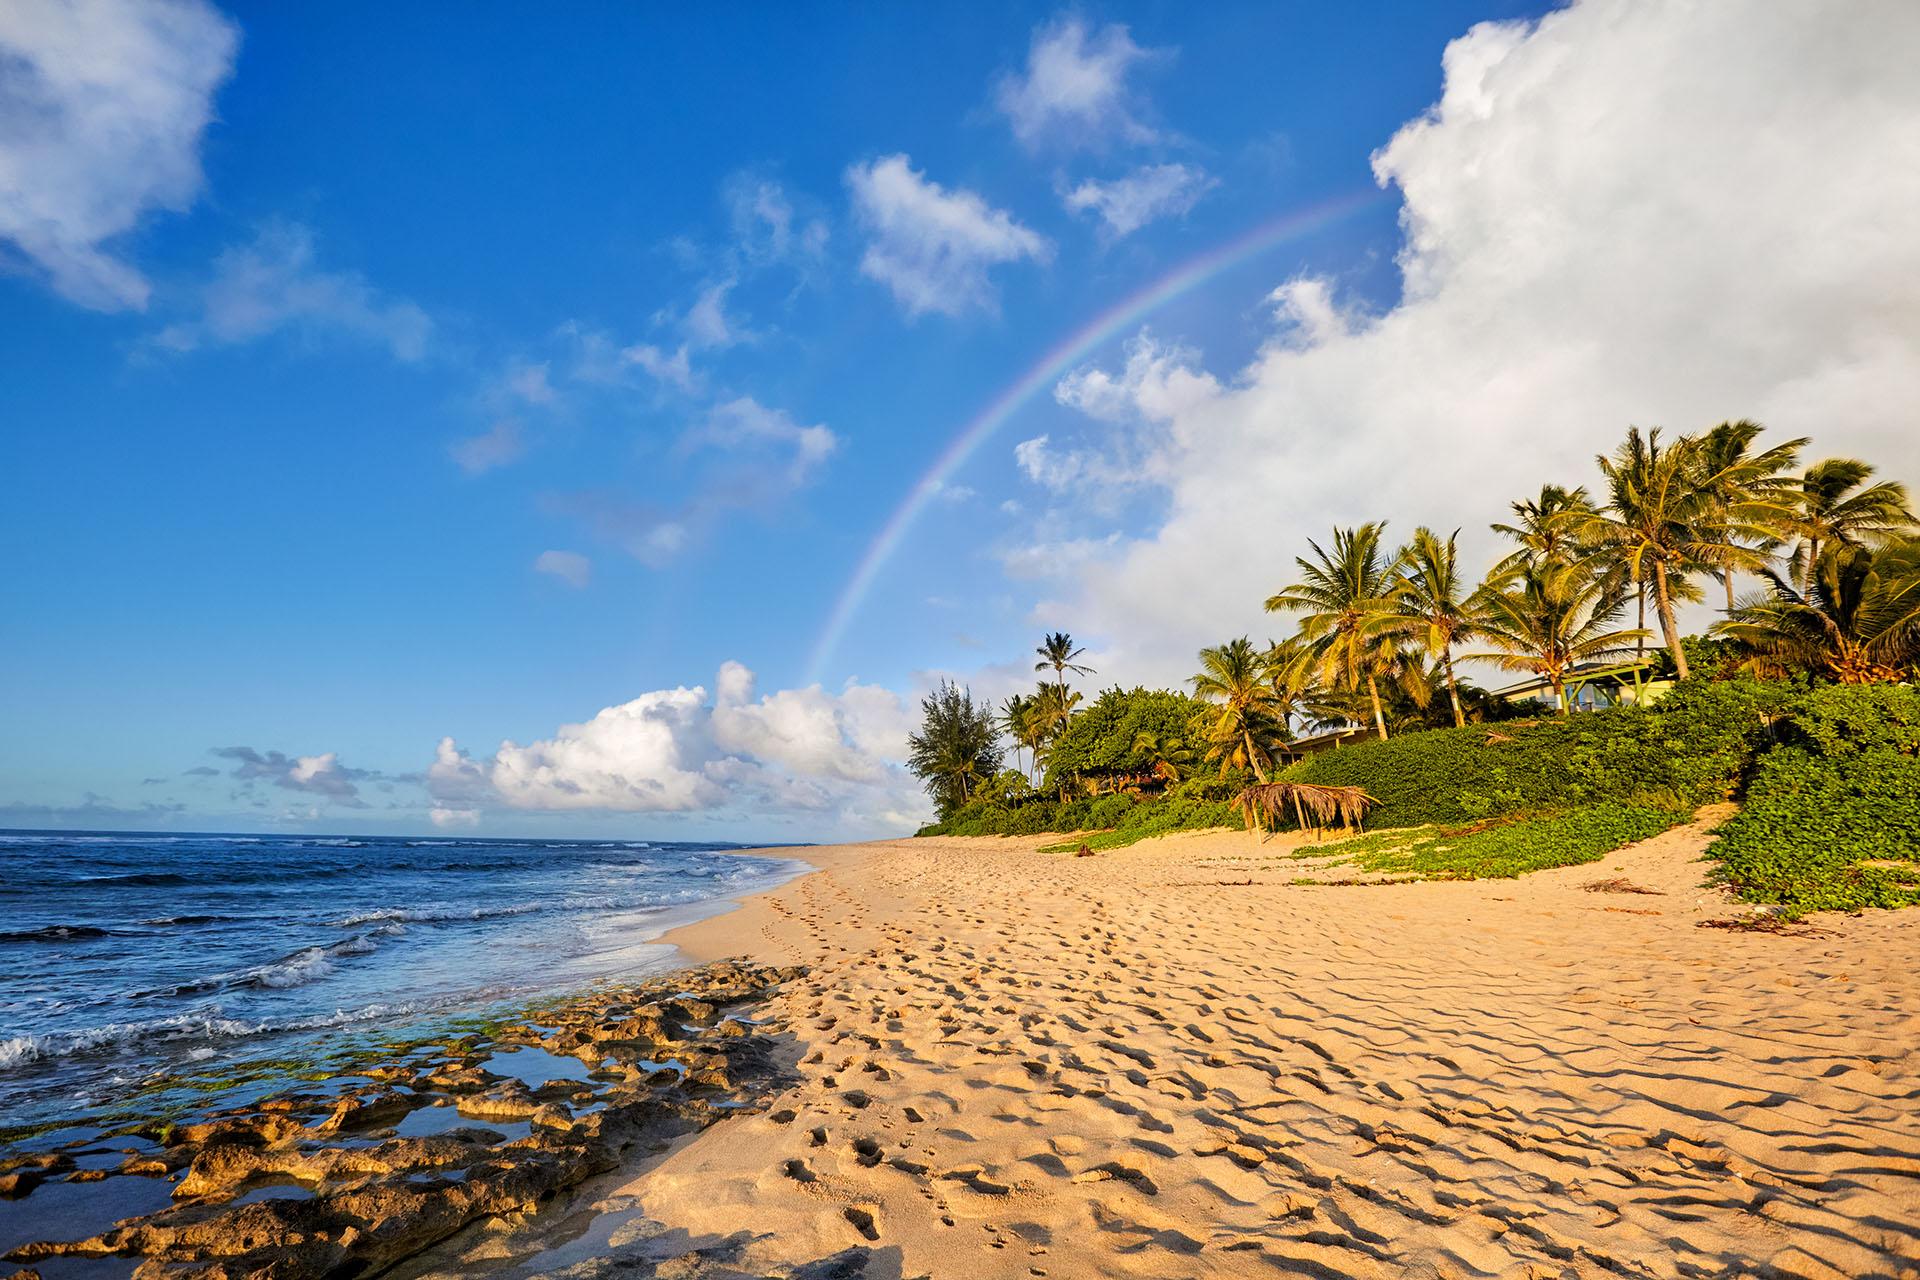 Sunset Beach es conocida por ser uno de las mecas del surf en el mundo. En los meses de invierno, uno de los más importantes para este deporte, se pueden observar olas grandes de hasta 30 pies de altura, junto con las principales competiciones de surf del mundo